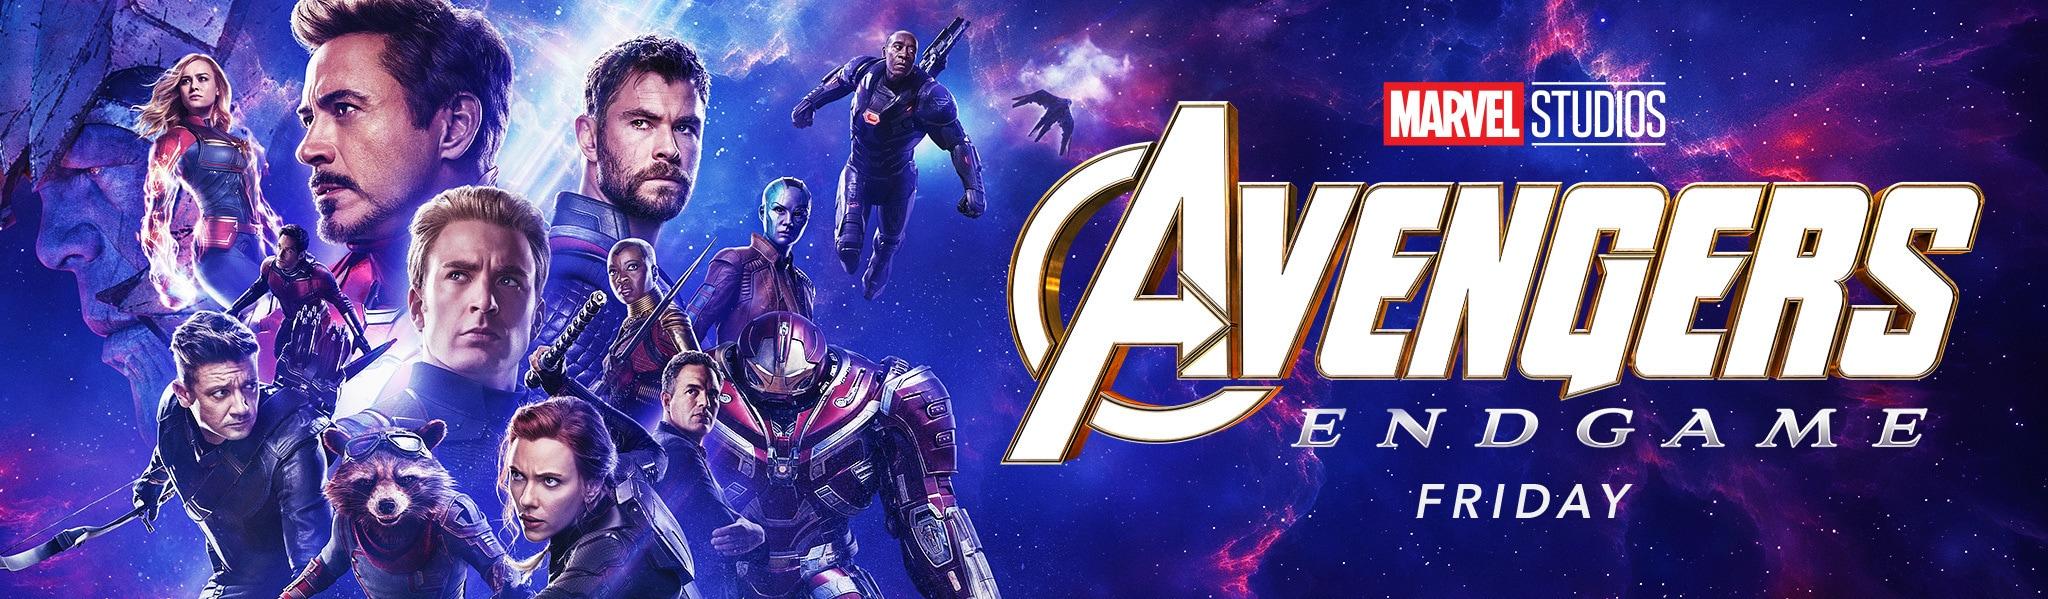 aaaa avengers